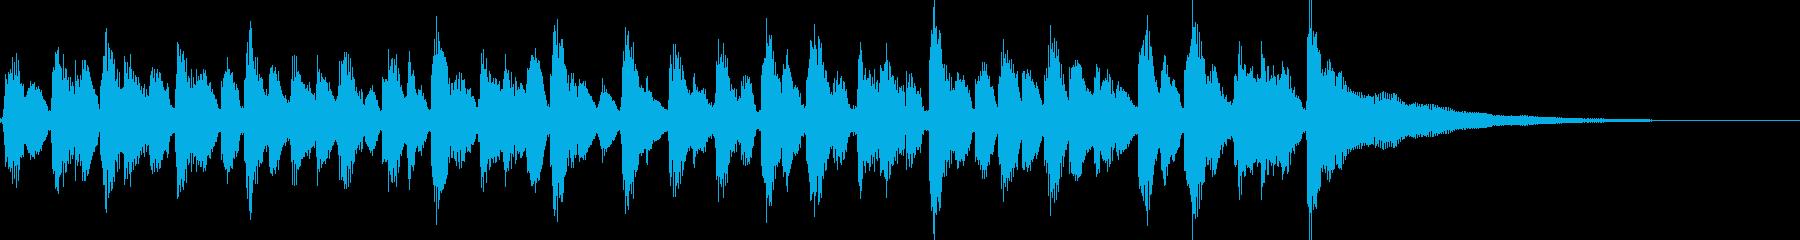 15秒CM、アコギリズム、商品紹介等②の再生済みの波形